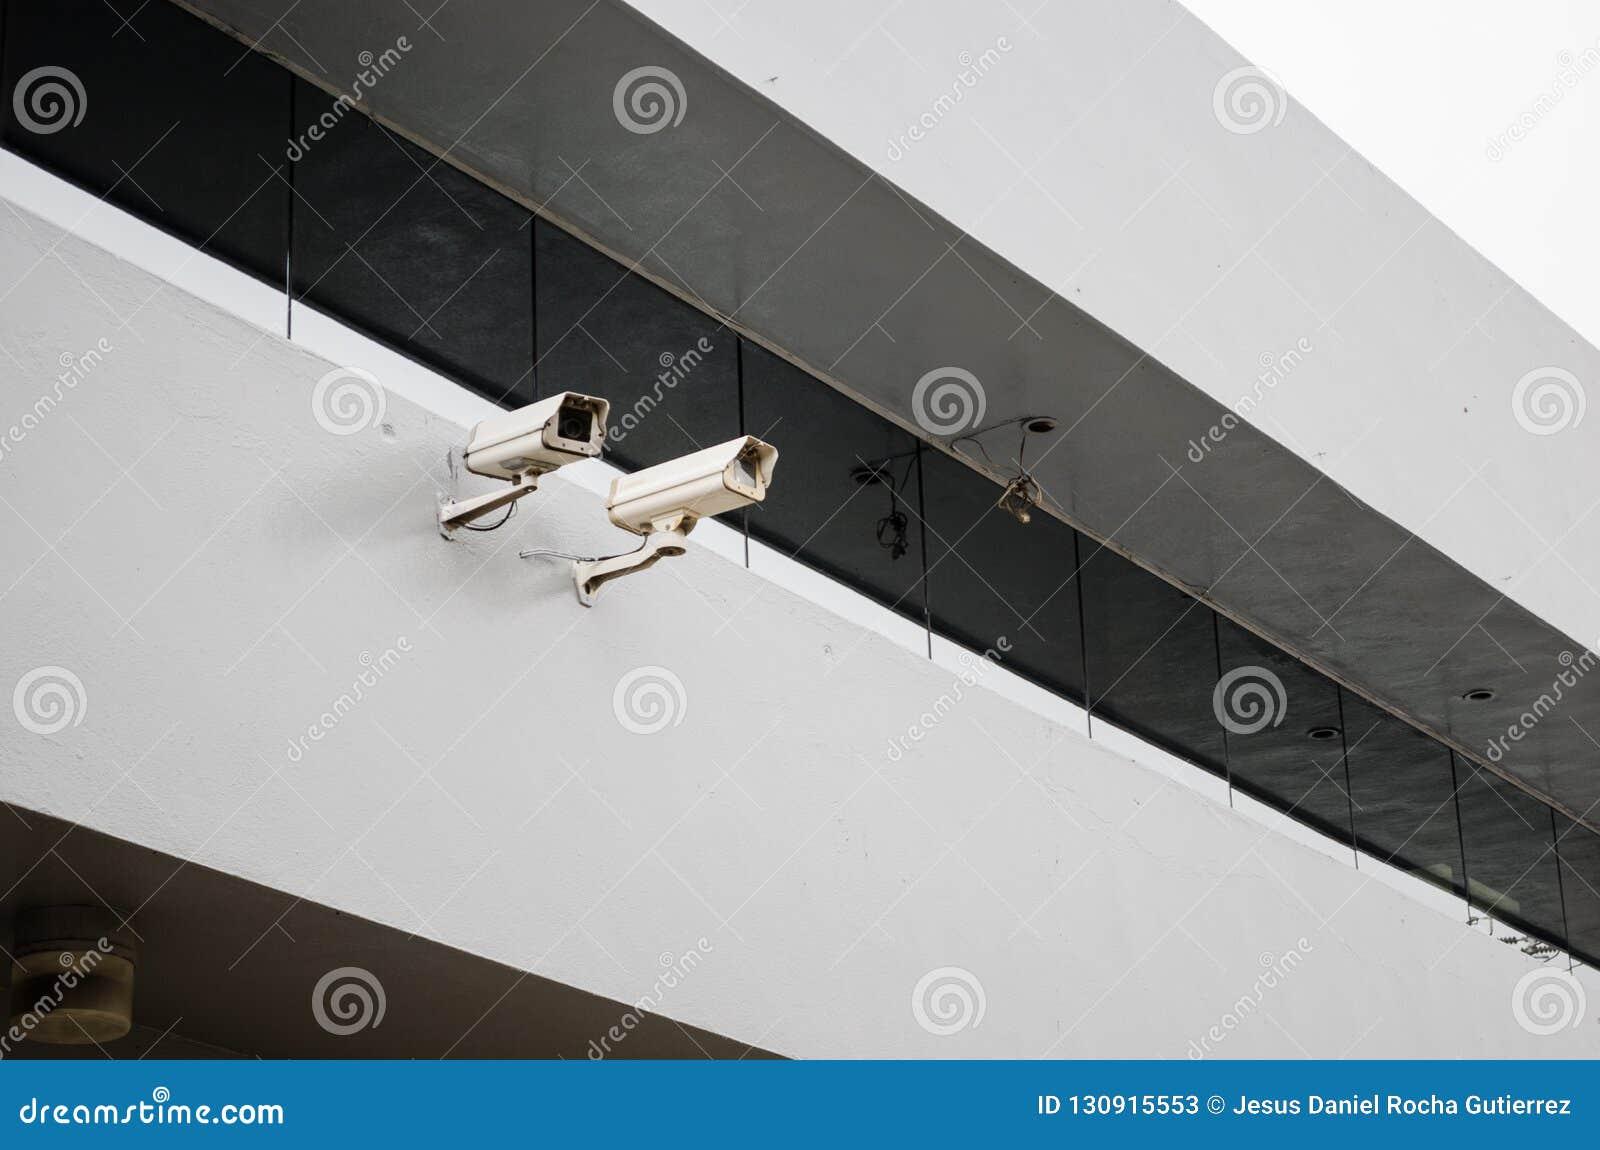 Tätt upp till två säkerhetskameror på strukturen av en byggnad med en stor spegel ovanför dem